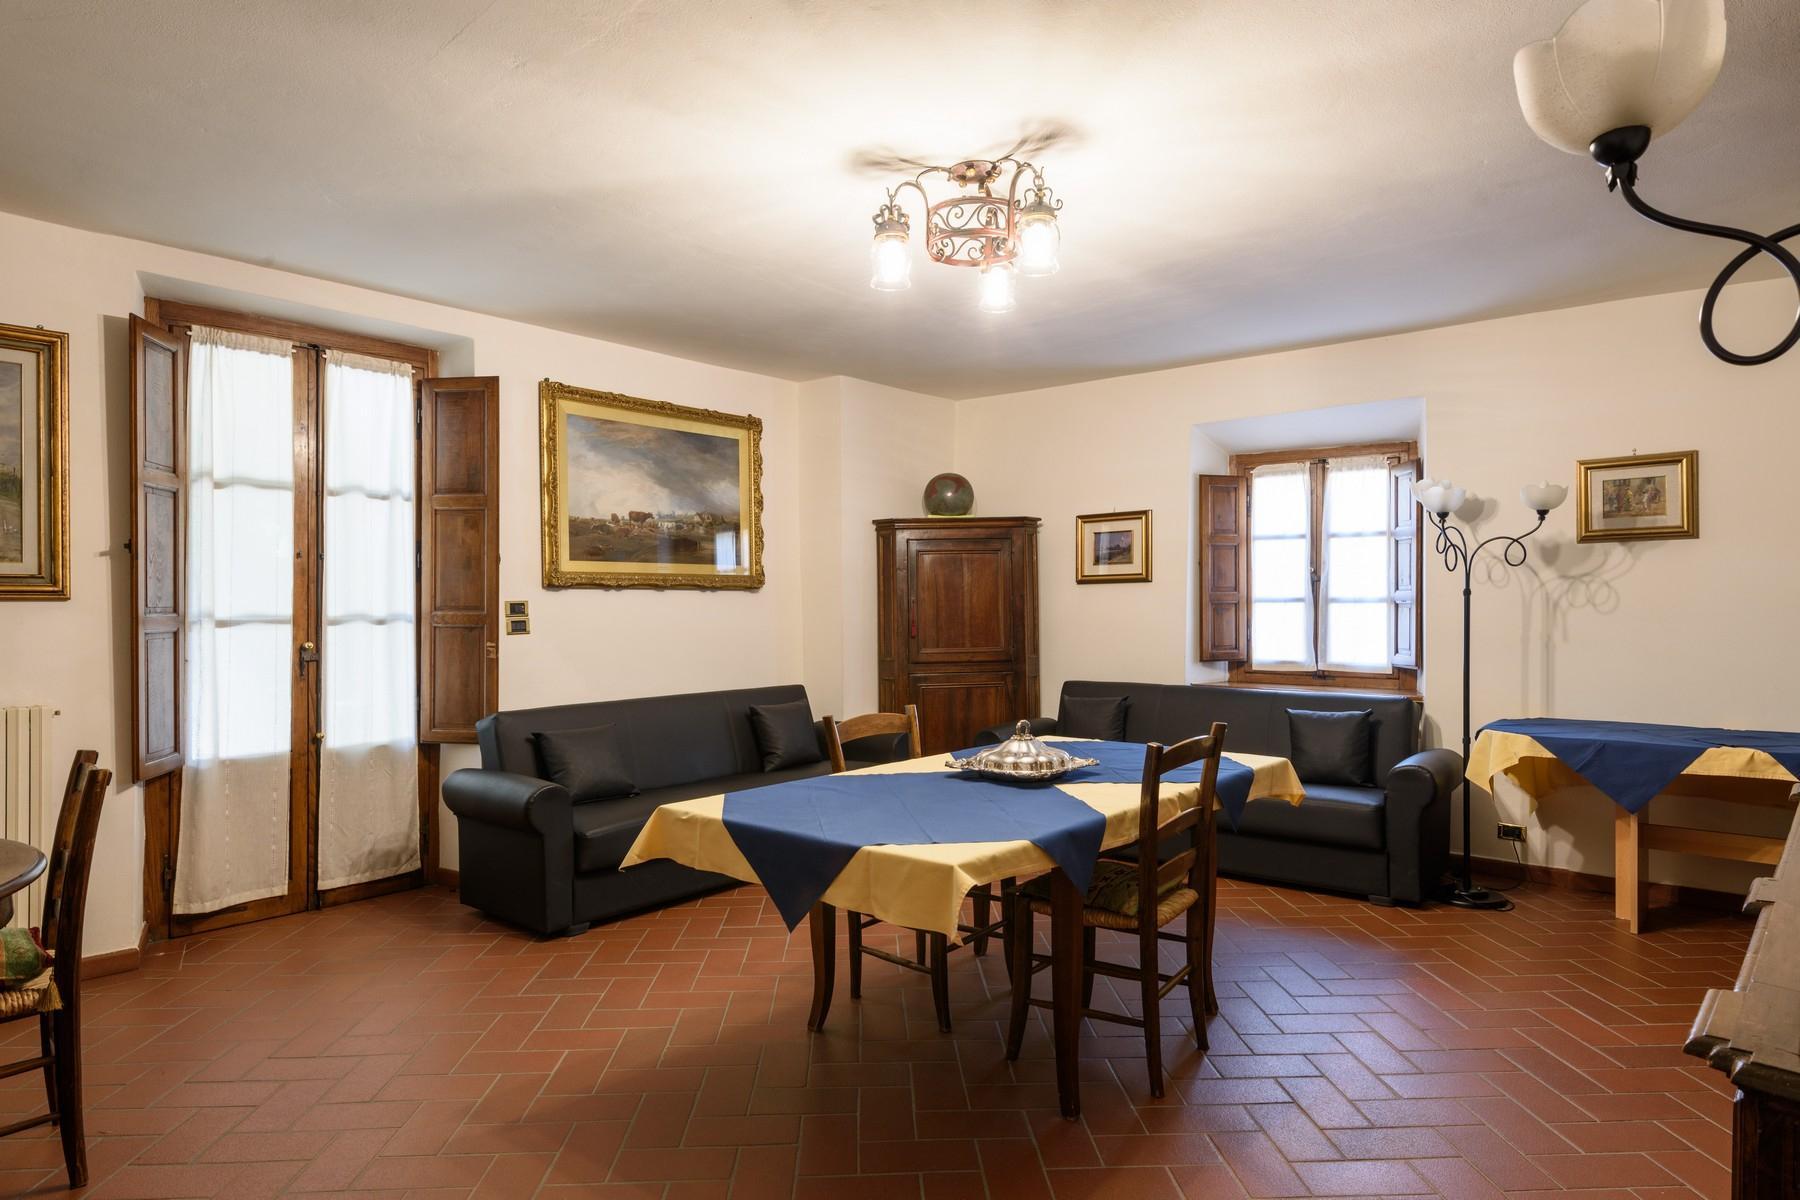 Val di Chiana中心地带10世纪的建筑 - 13